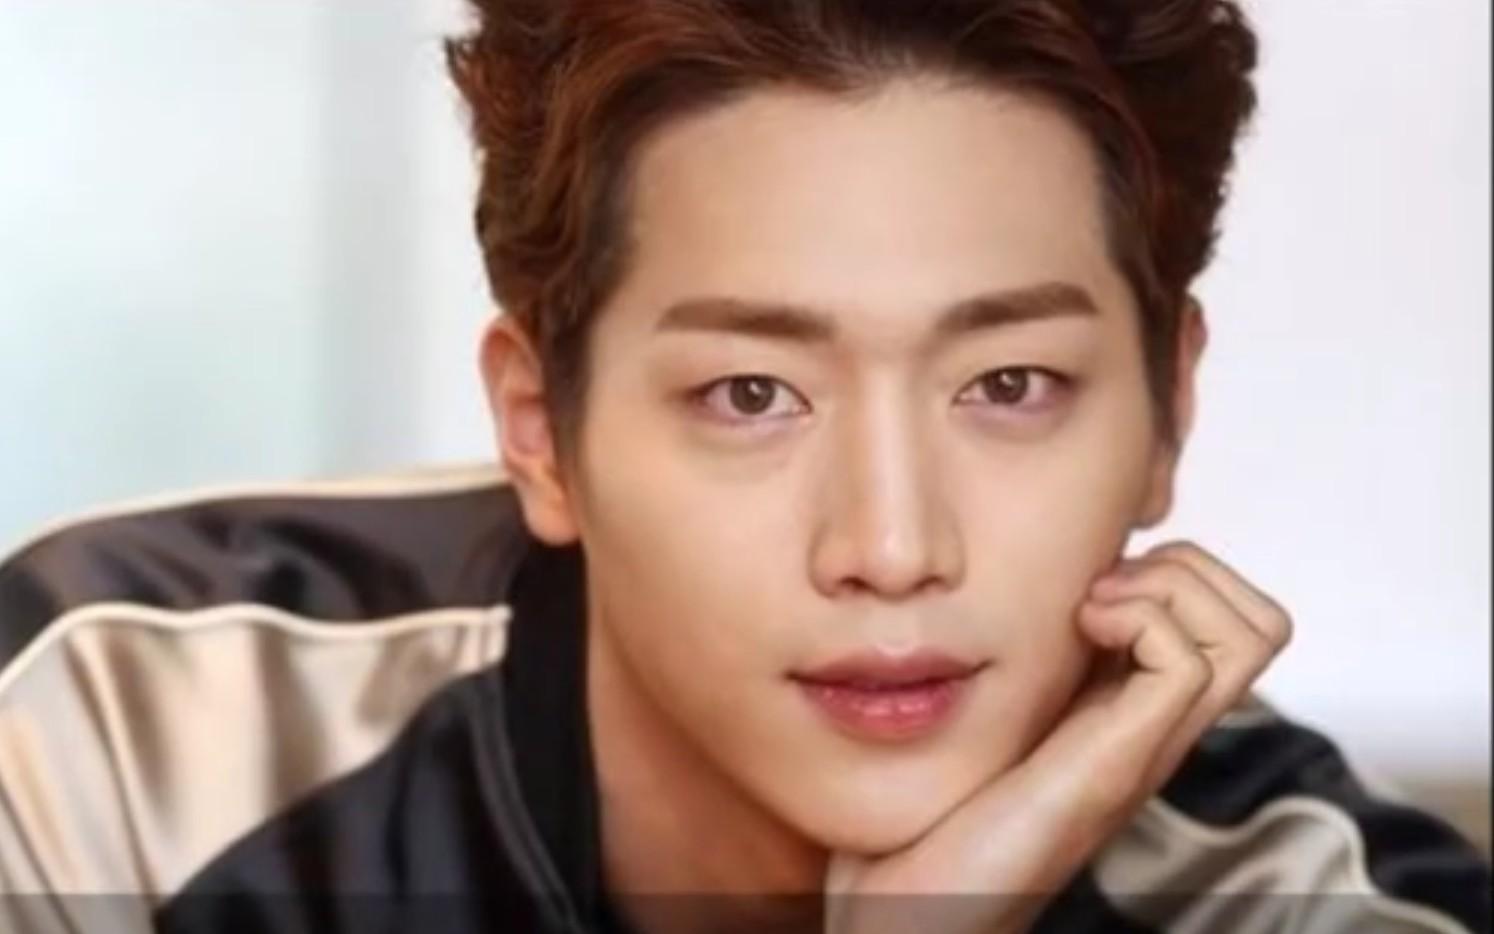 韓國男演員中俊俏的20張臉蛋_嗶哩嗶哩 (゜-゜)つロ 干杯~-bilibili